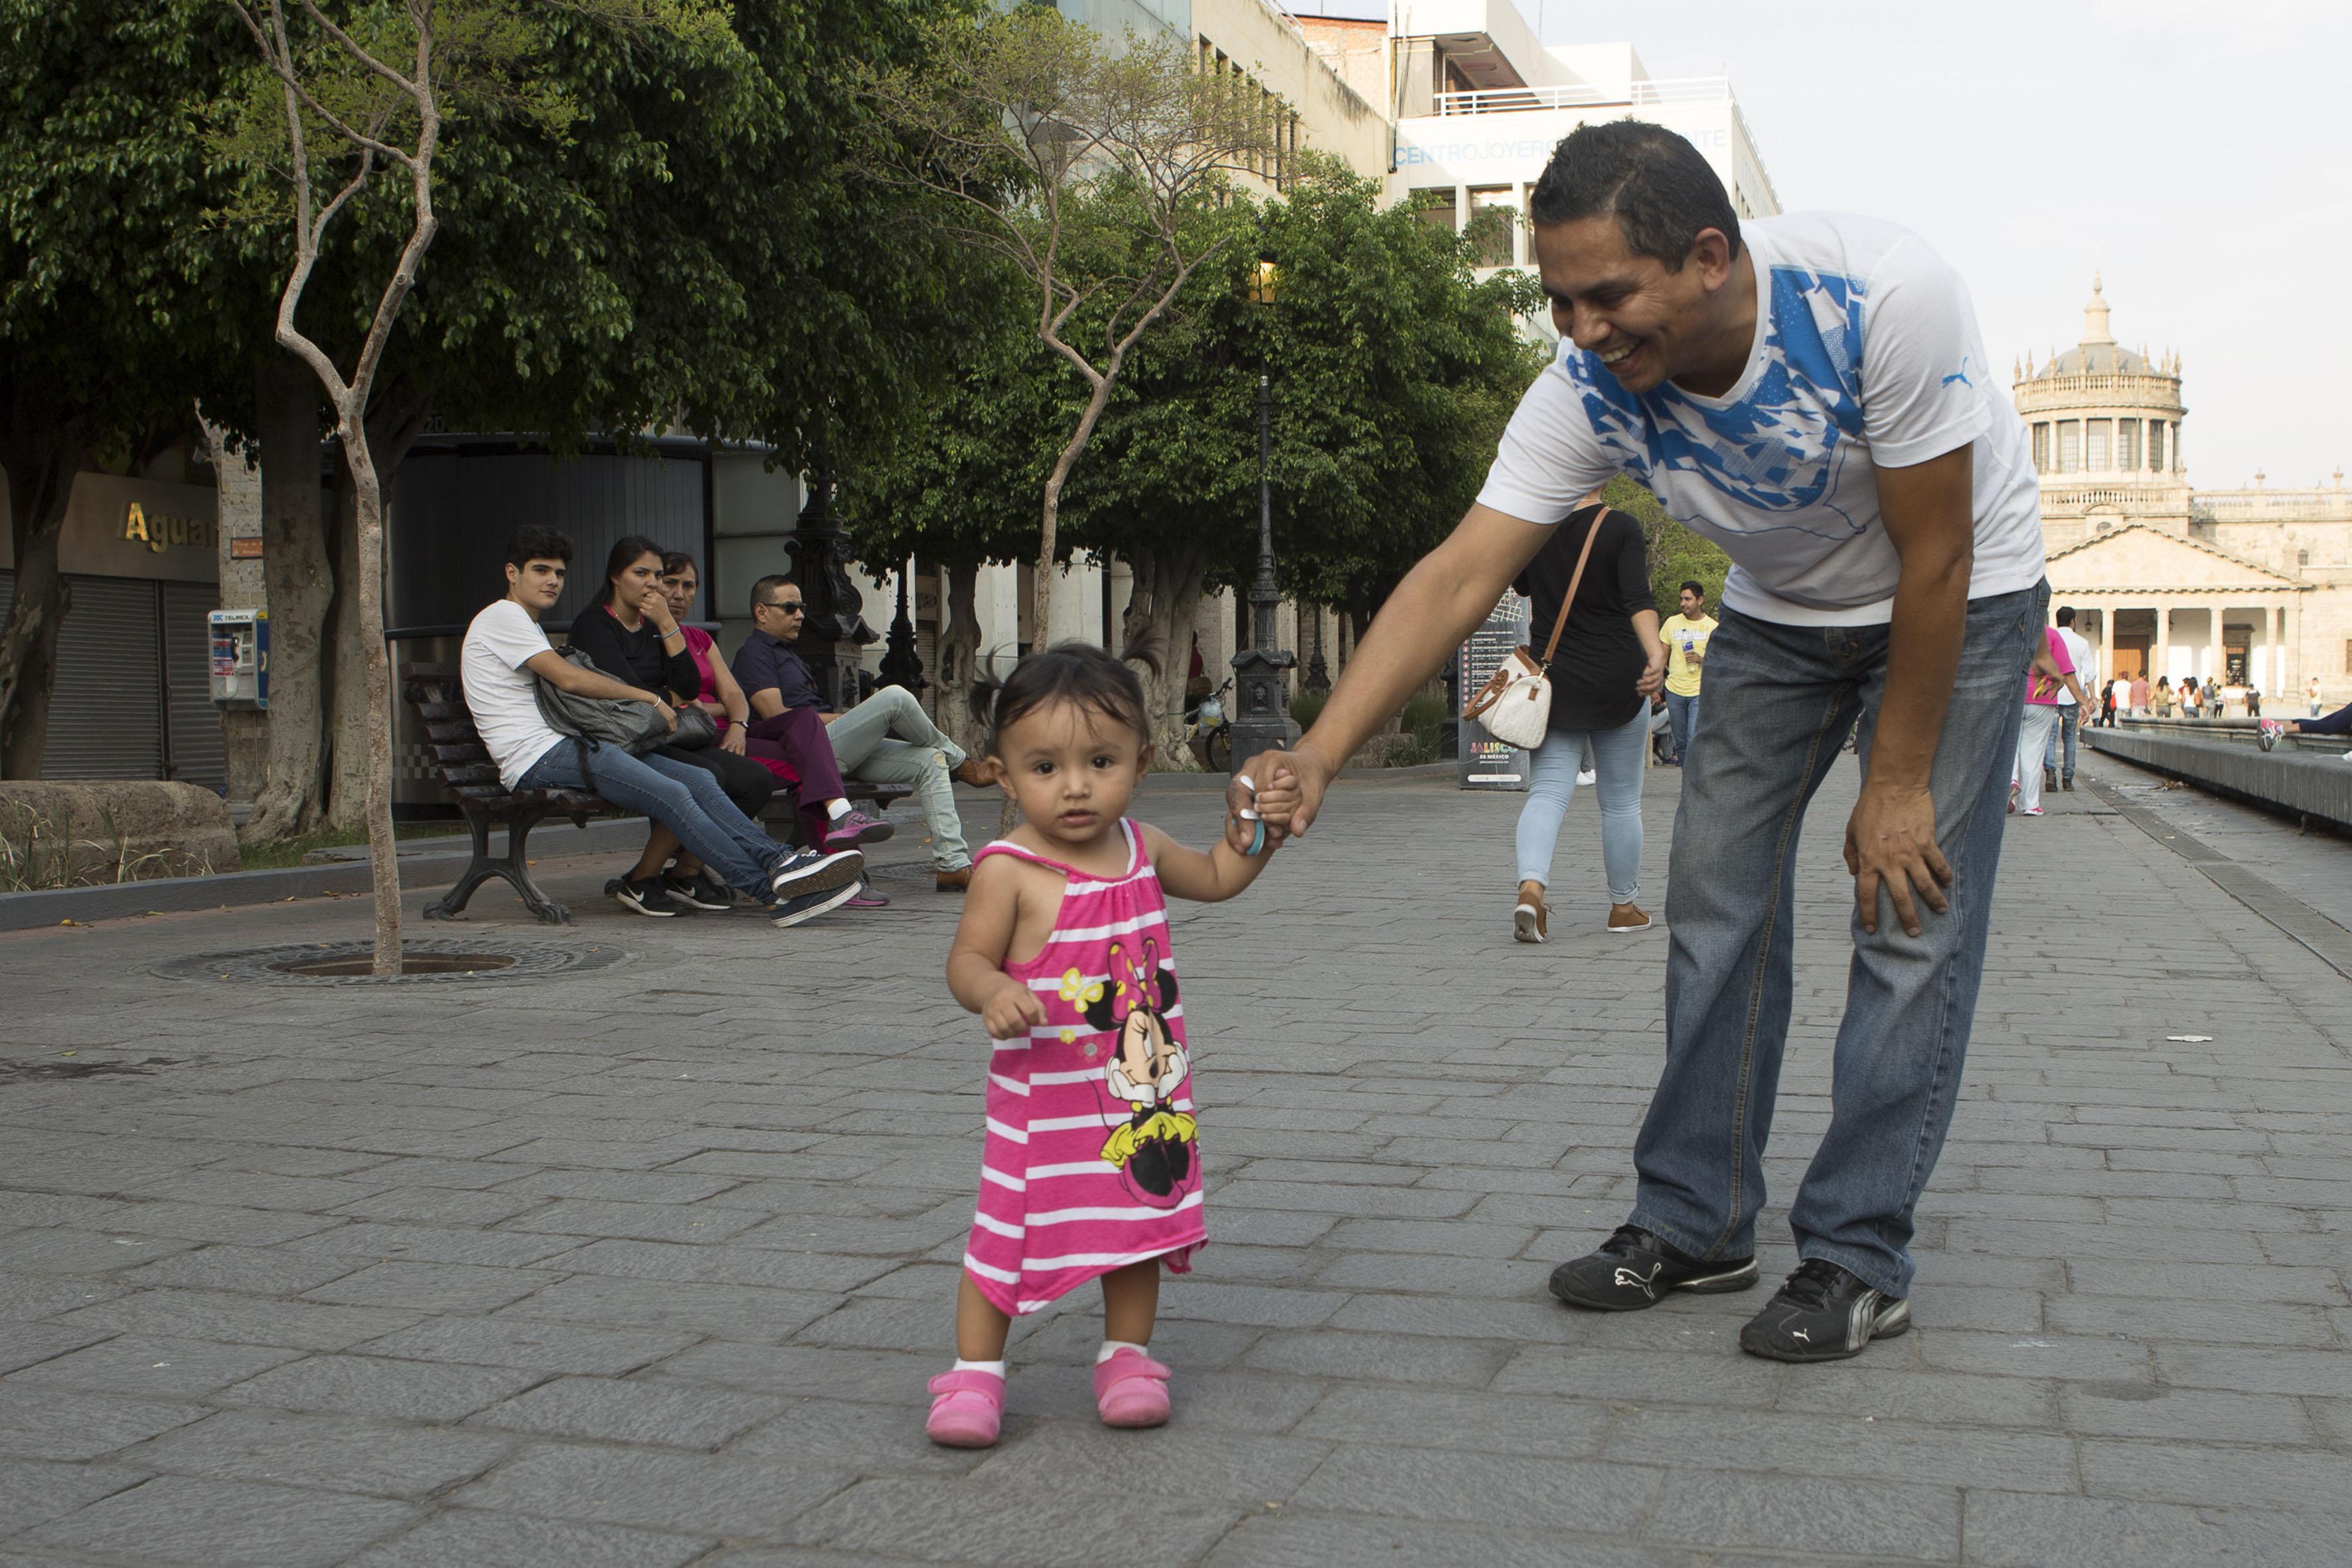 padre con su hija en el centro de Guadalajara disfrutando de la tarde